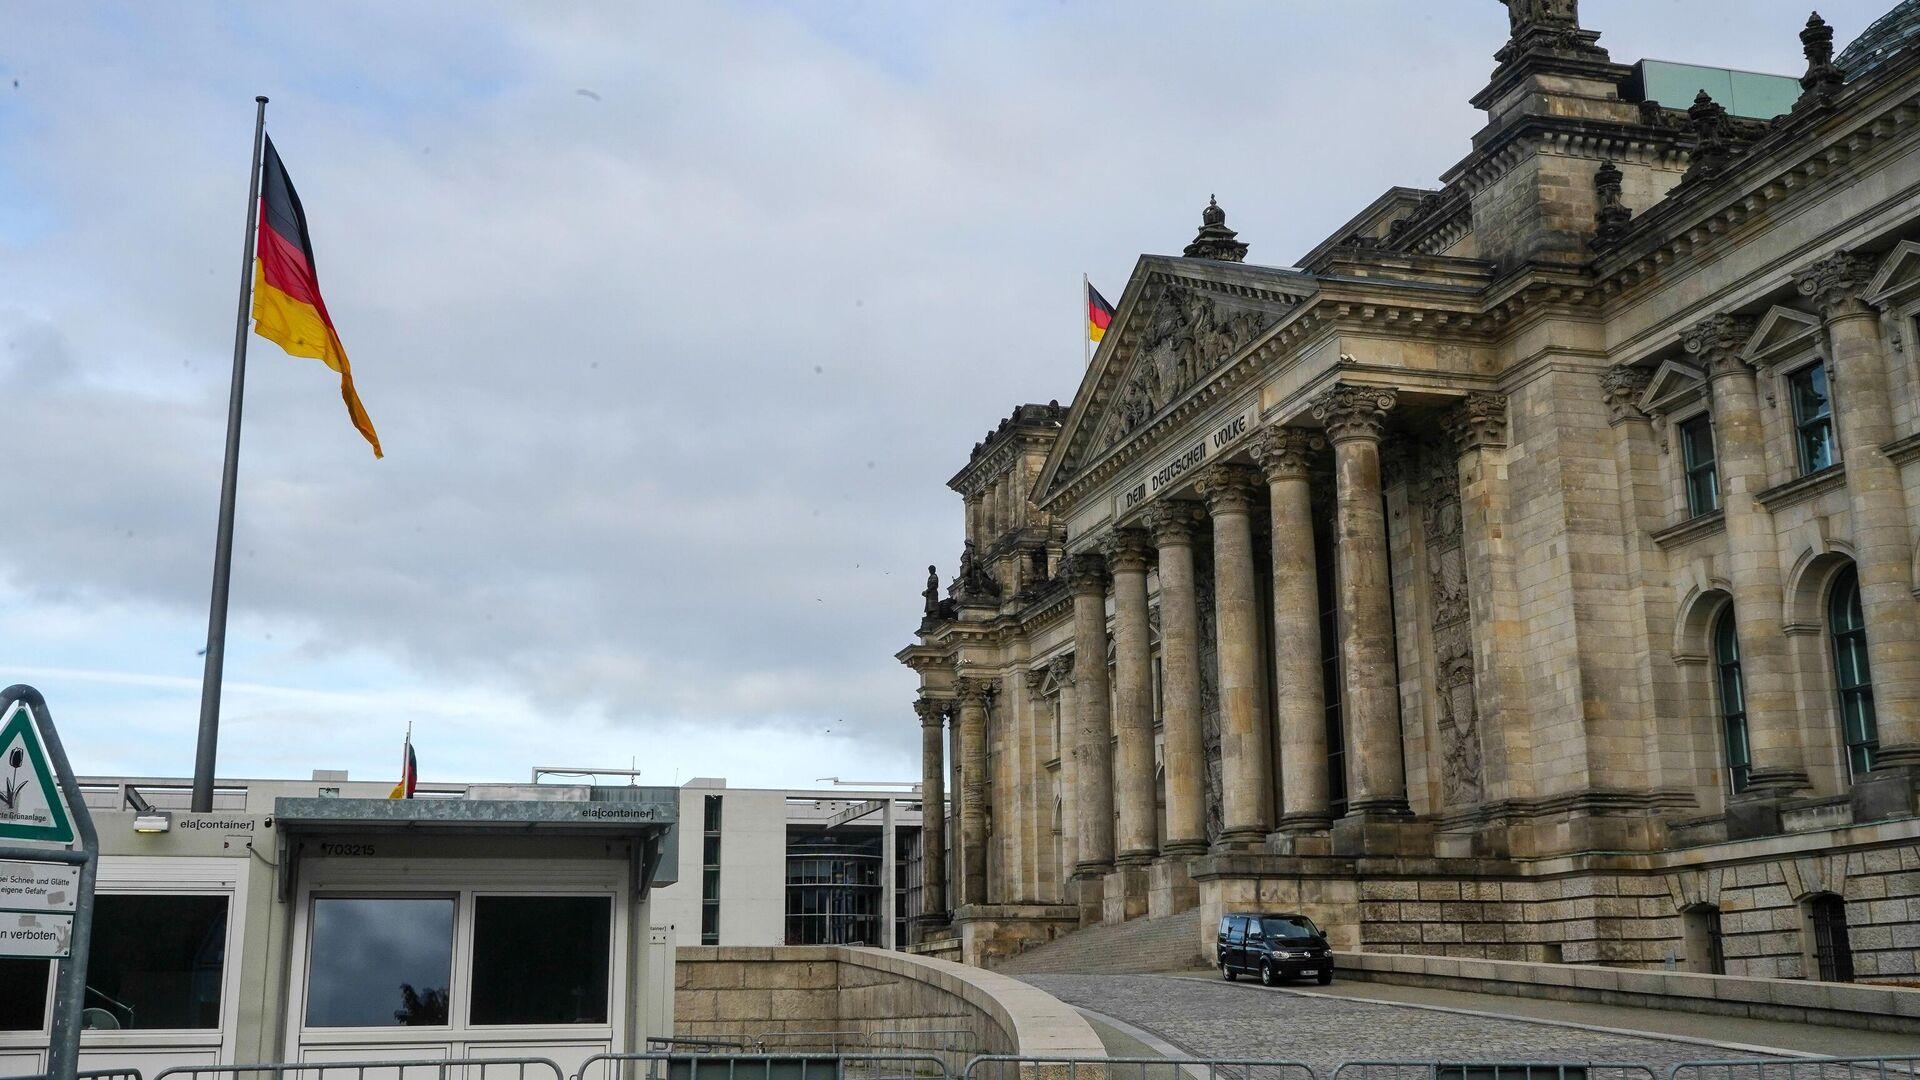 Пустая улица перед зданием Рейхстага в Берлине во время карантина, введенного в связи с коронавирусом - РИА Новости, 1920, 21.12.2020